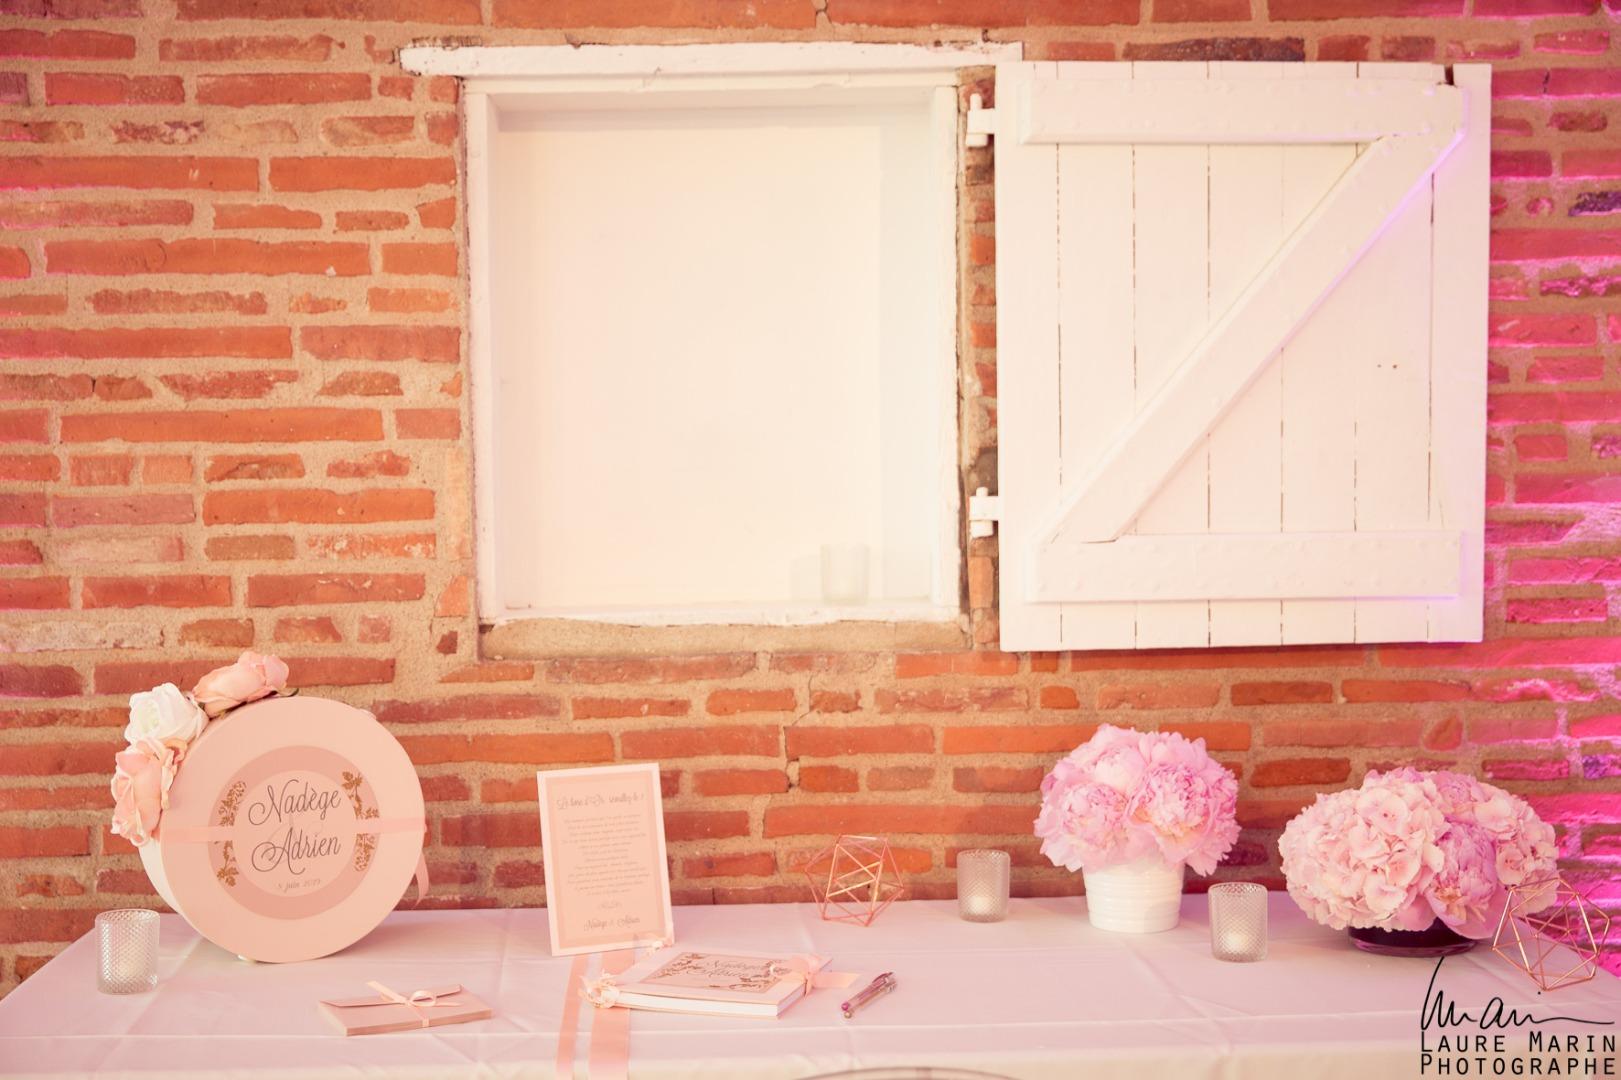 Table des dons simple La Dolce Vita Organisation de Mariages Toulouse.jpg